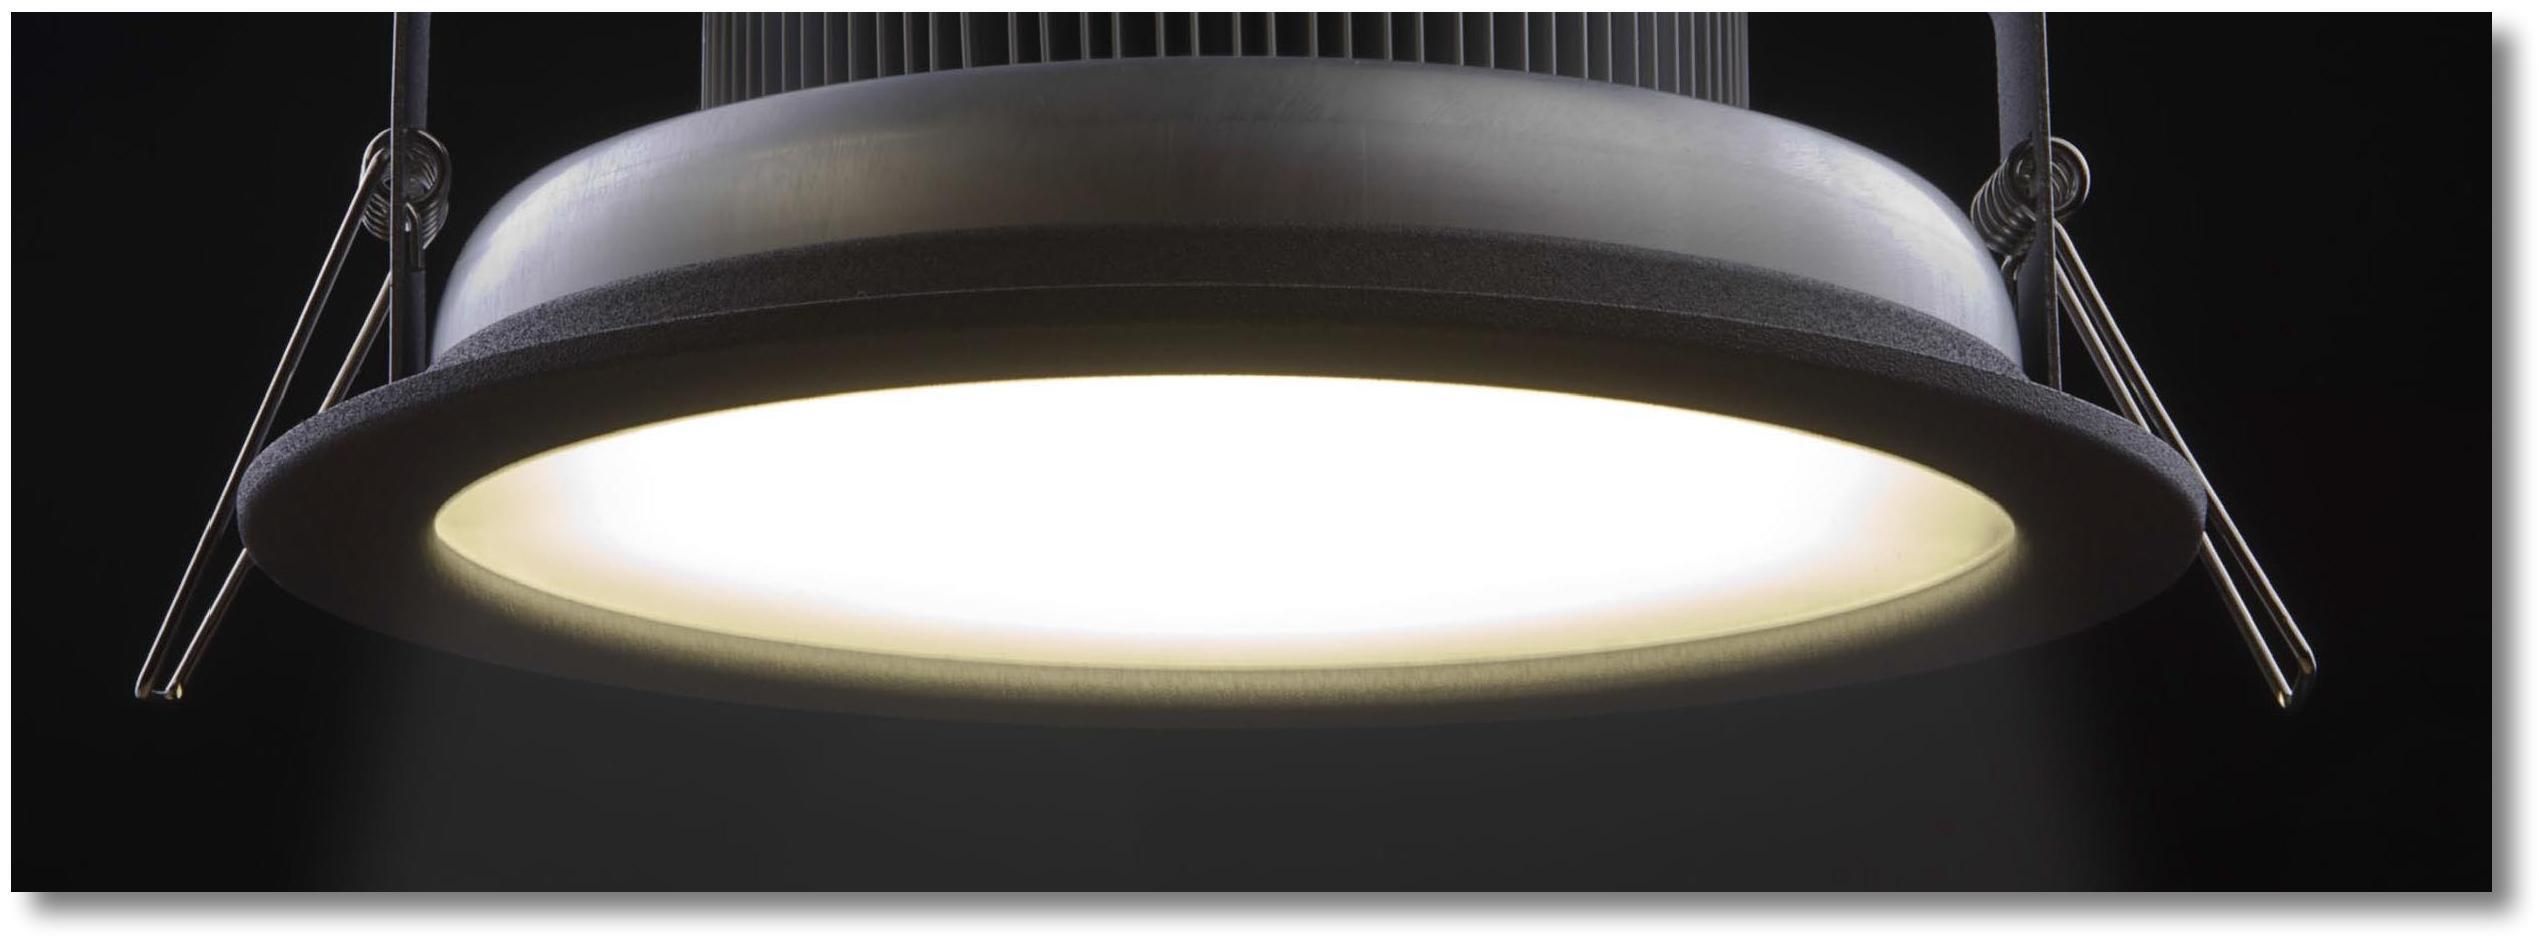 LED-Downlights Verwunderlich Led Einbauleuchten Geringe Einbautiefe Dekorationen